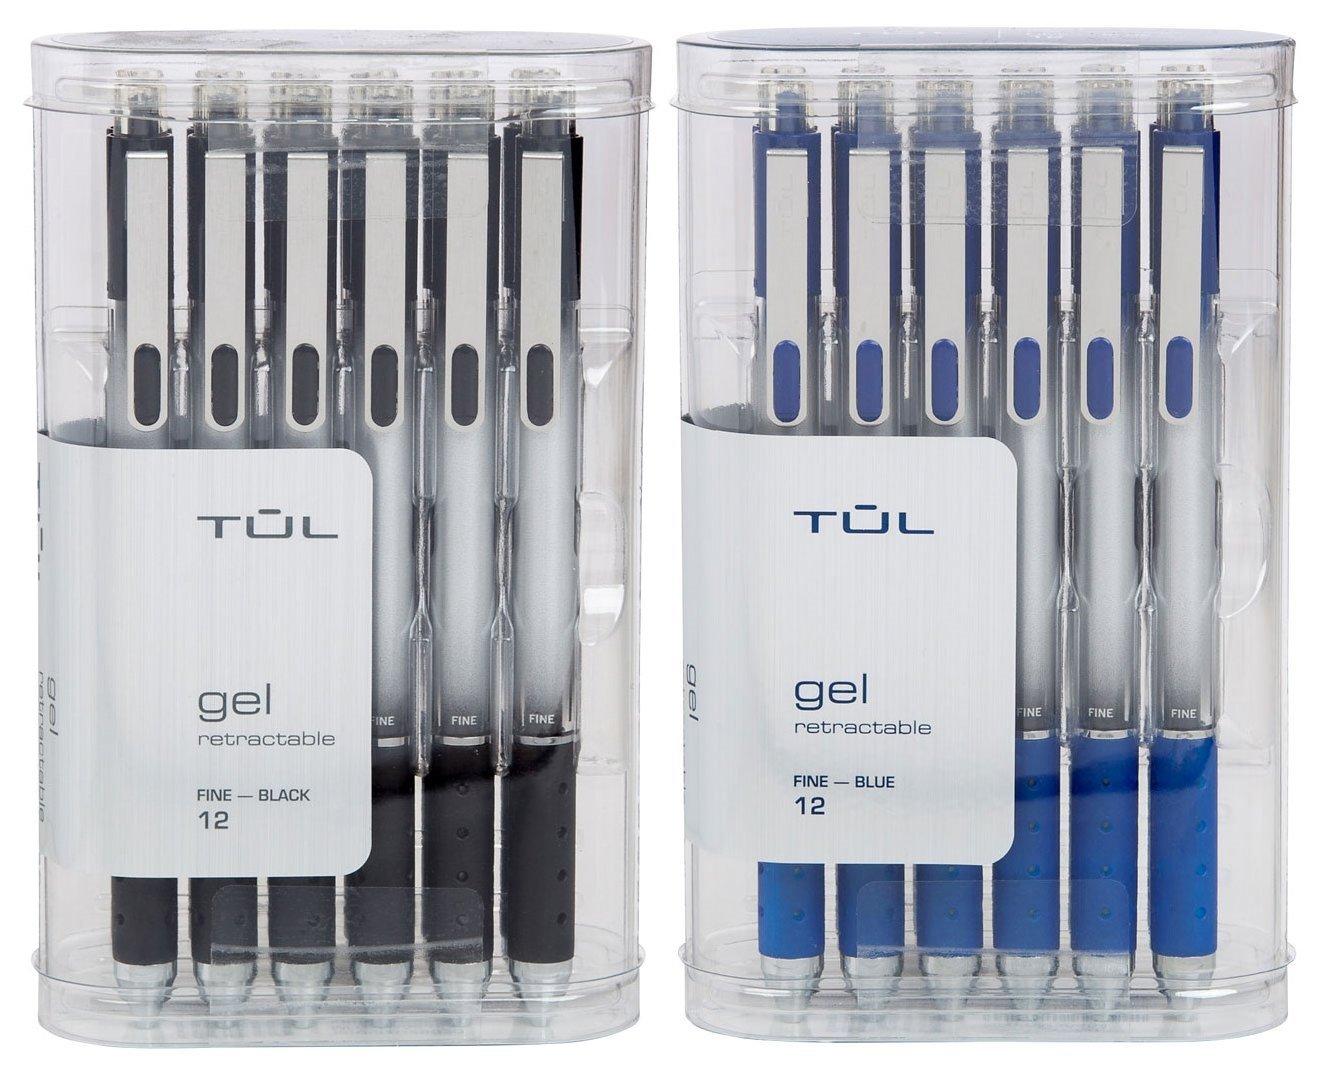 TUL Retractable Gel Pens 0.5mm Fine Point, Black/Blue Bundle (2 12-packs)